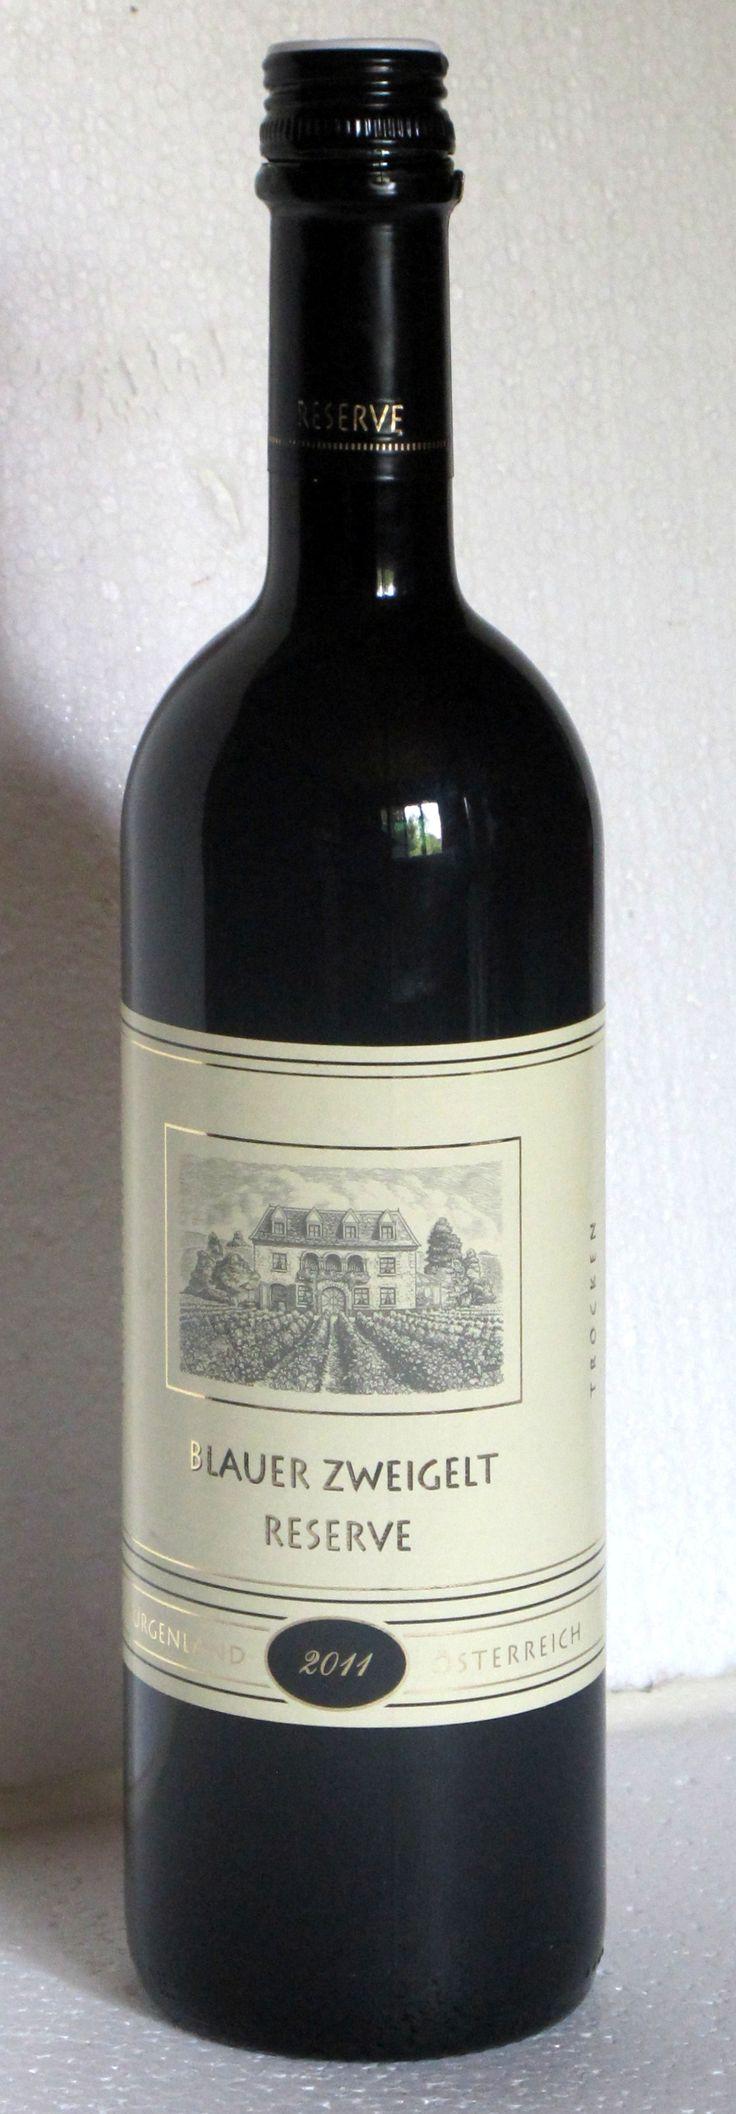 """12. August 2013  --  Dreifaltigkeitskellerei: Blauer Zweigelt 2011, Burgenland, Österreich -   Zum allerersten Mal habe ich einen Wein von Aldi (Suisse) hier im """"Getrunken"""" aufgenommen. Nicht weil er mich so begeistert hat, sondern weil es einer dieser """"Discounterweine"""" ist, die in der Regel durch eine passable, aber wenig ausdrucksstarke Weinigkeit zu definieren ist. Die einen sagen: ein Wein für den Alltag, andere ein Wein zum Abgewöhnen. ."""